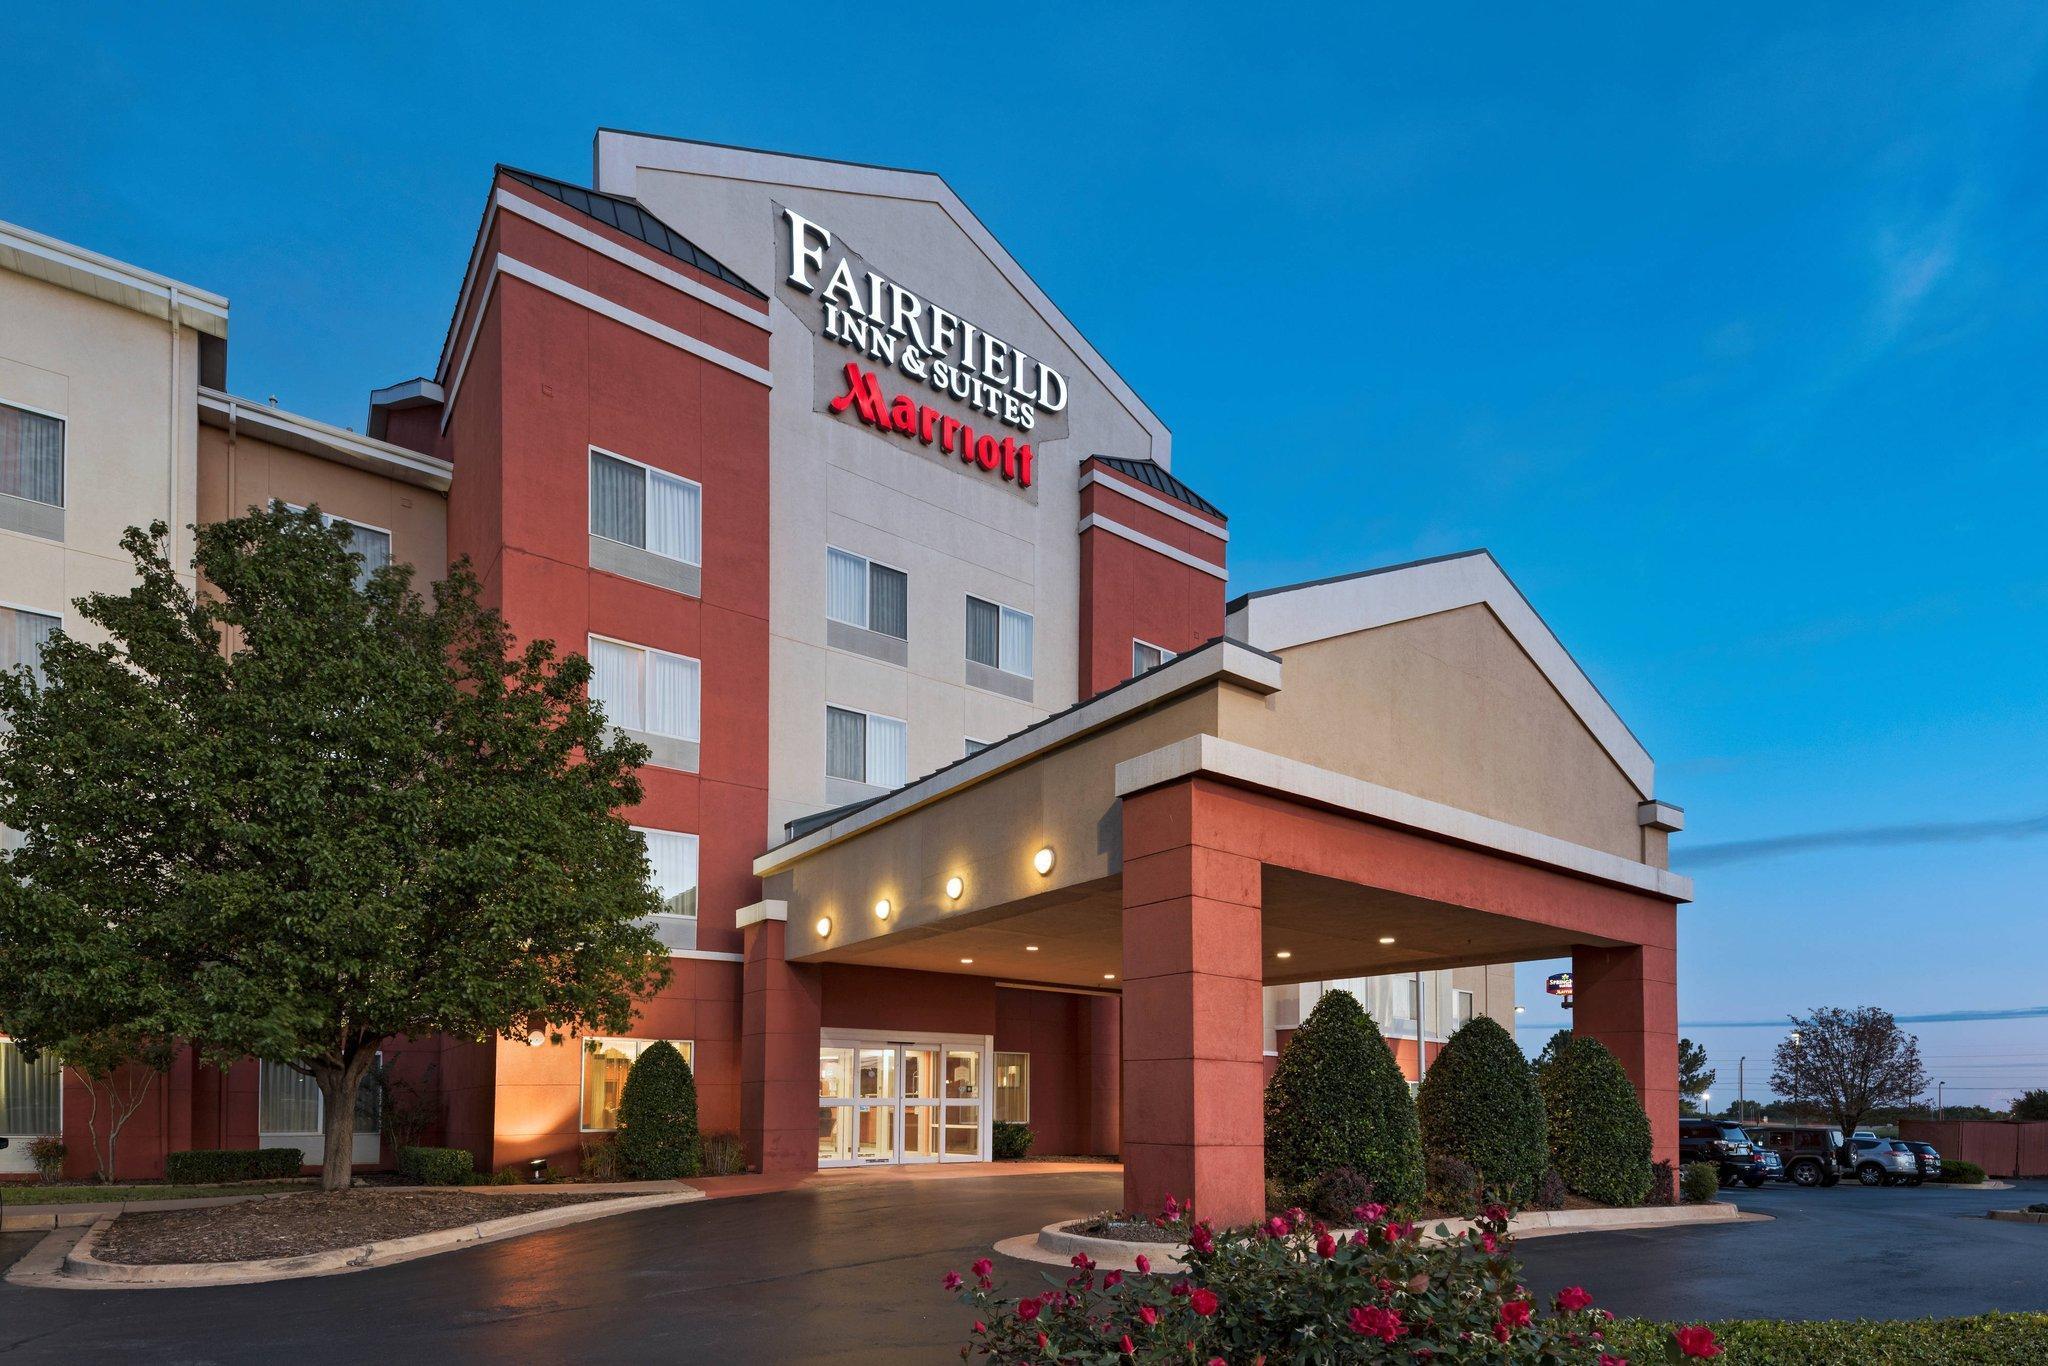 Fairfield Inn And Suites Lawton